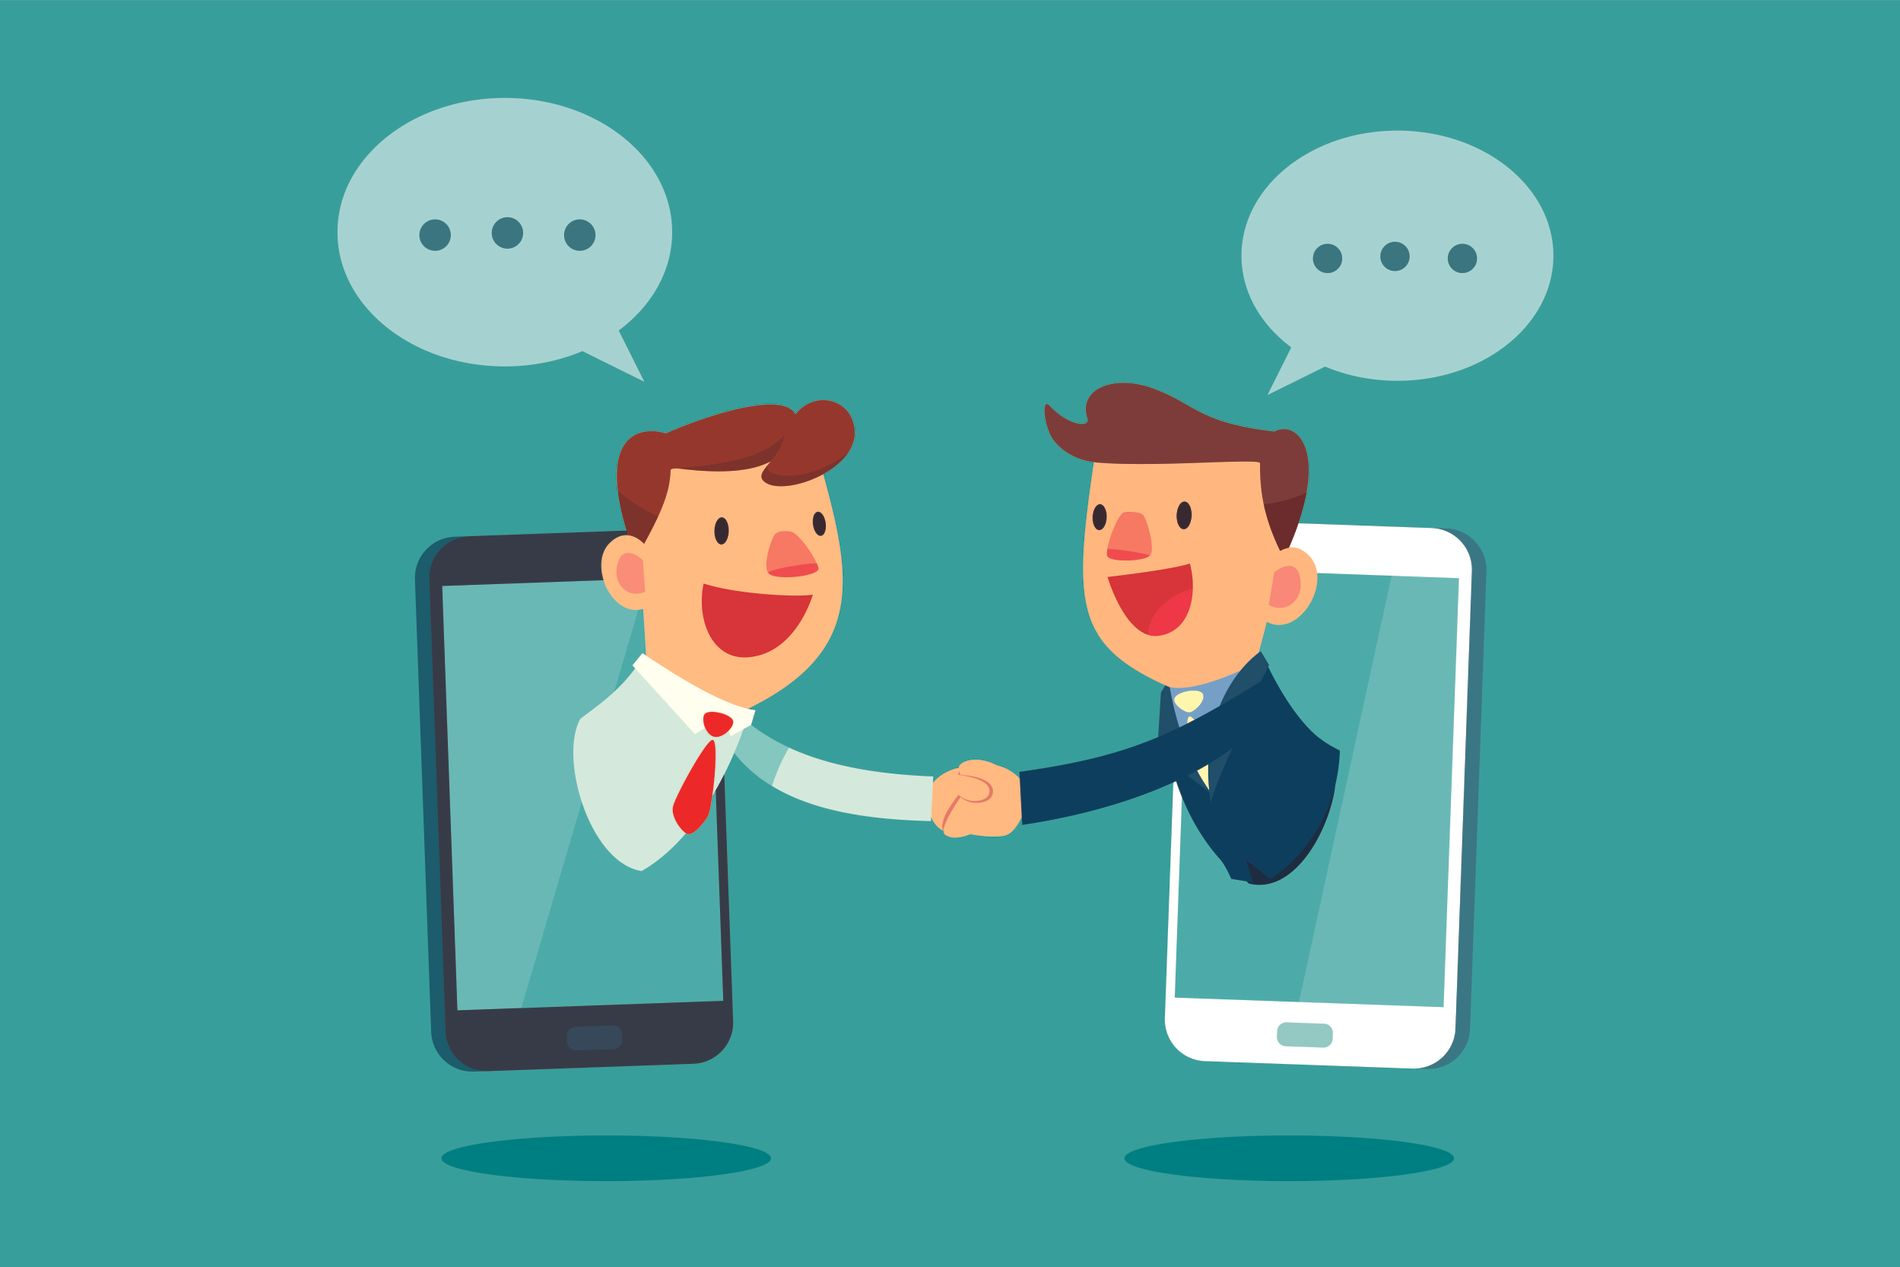 VANSKELIG: Mangelfulle opplysninger fra selskapene, kombinert med manglende kunnskap om avtalerettslig binding, gjør det vanskelig for forbrukere å vite hvilke rettigheter og forpliktelser de har, skriver innsender.